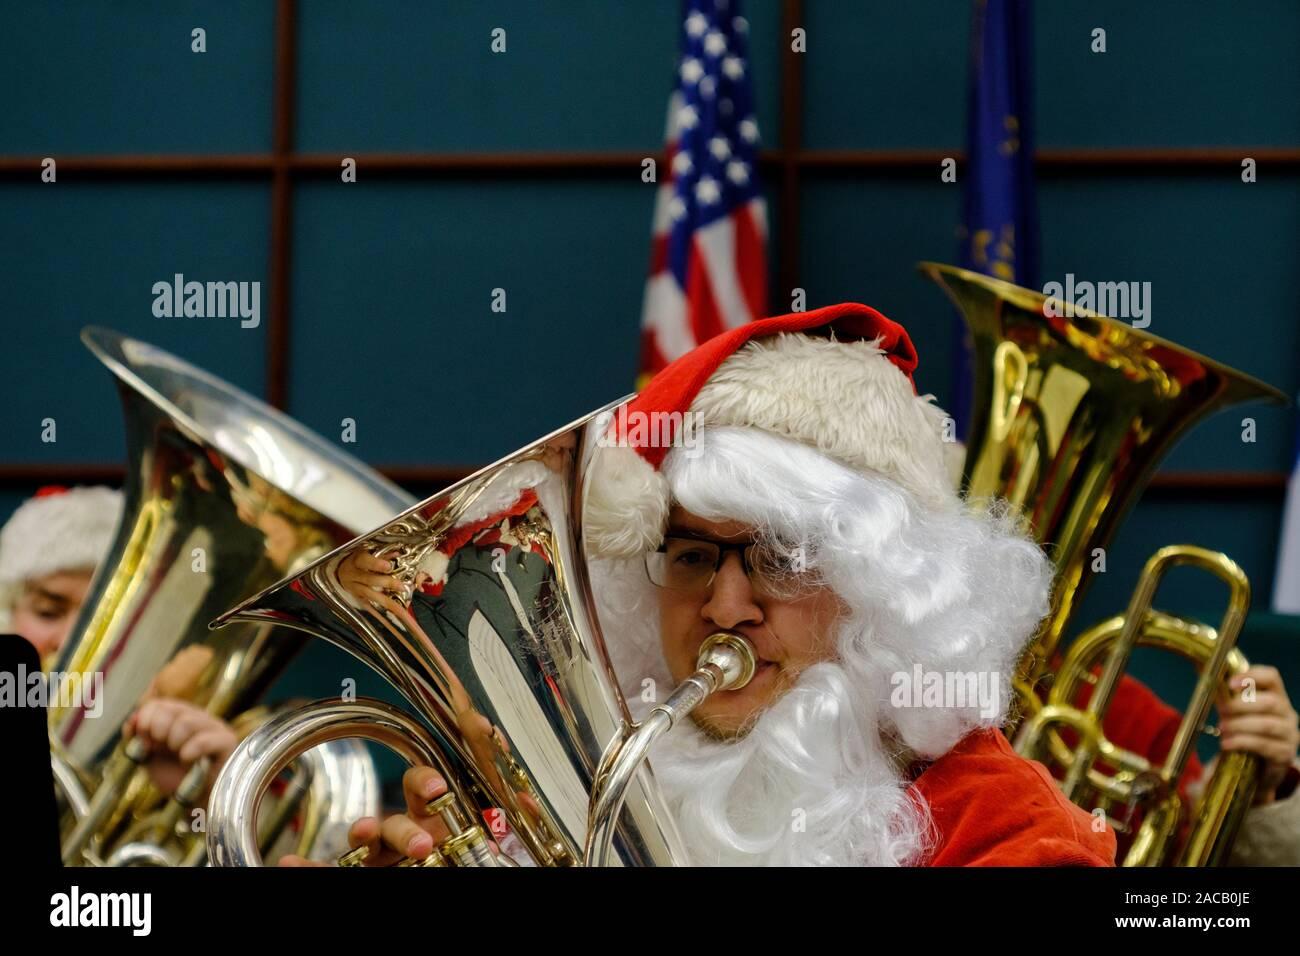 Tuba Christmas 2021 Baltimore Page 9 A Tuba High Resolution Stock Photography And Images Alamy